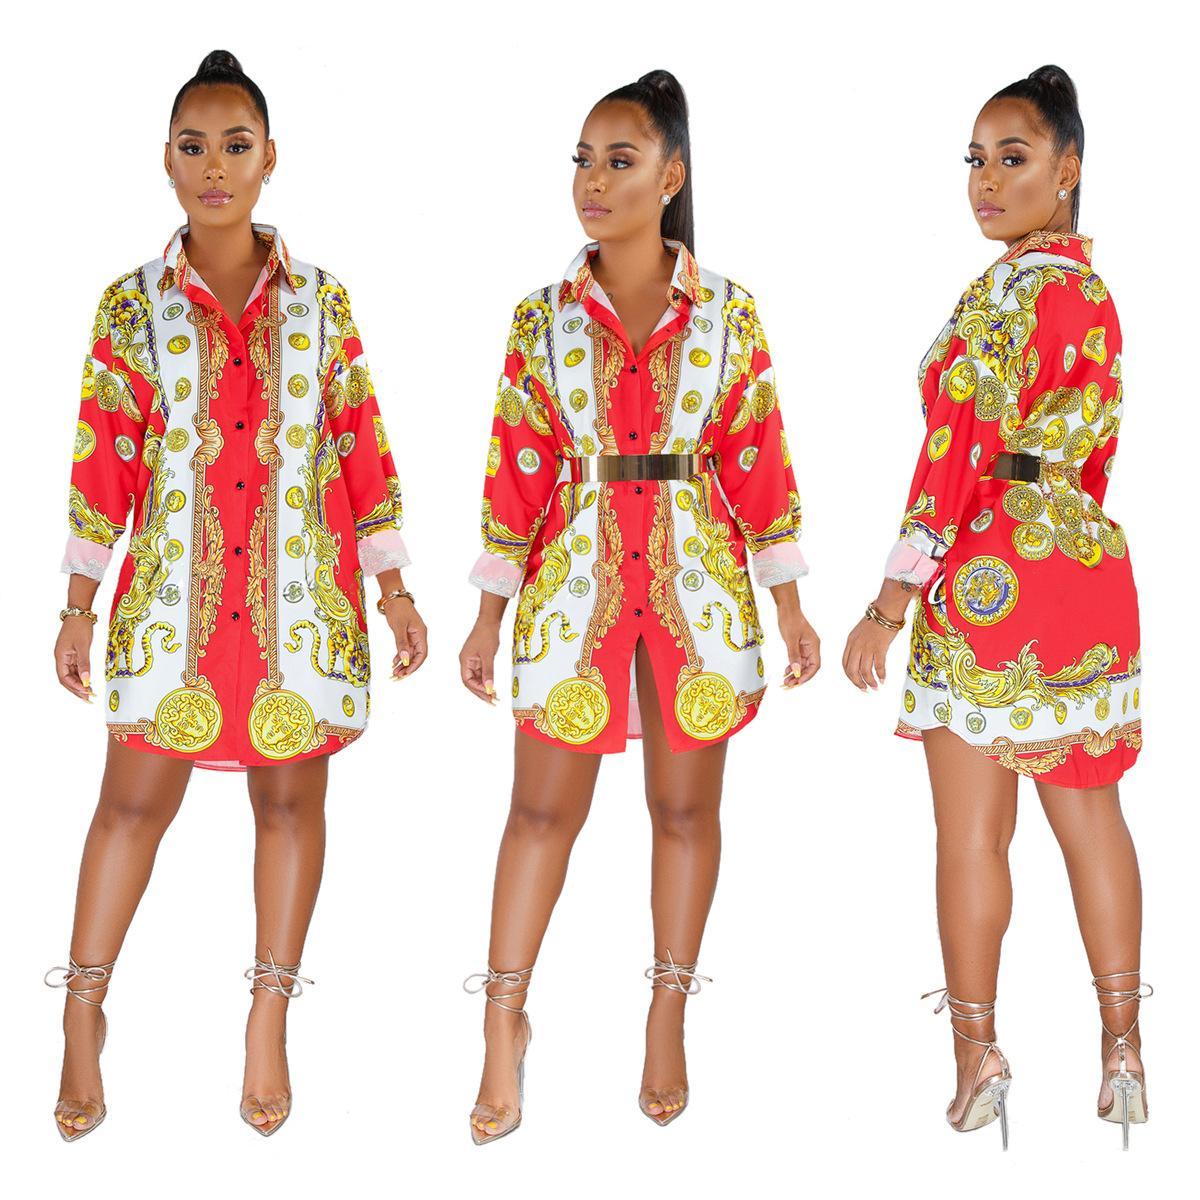 Envío completo de camisas estampadas y vestidos multicolores de moda europea y americana envío gratis